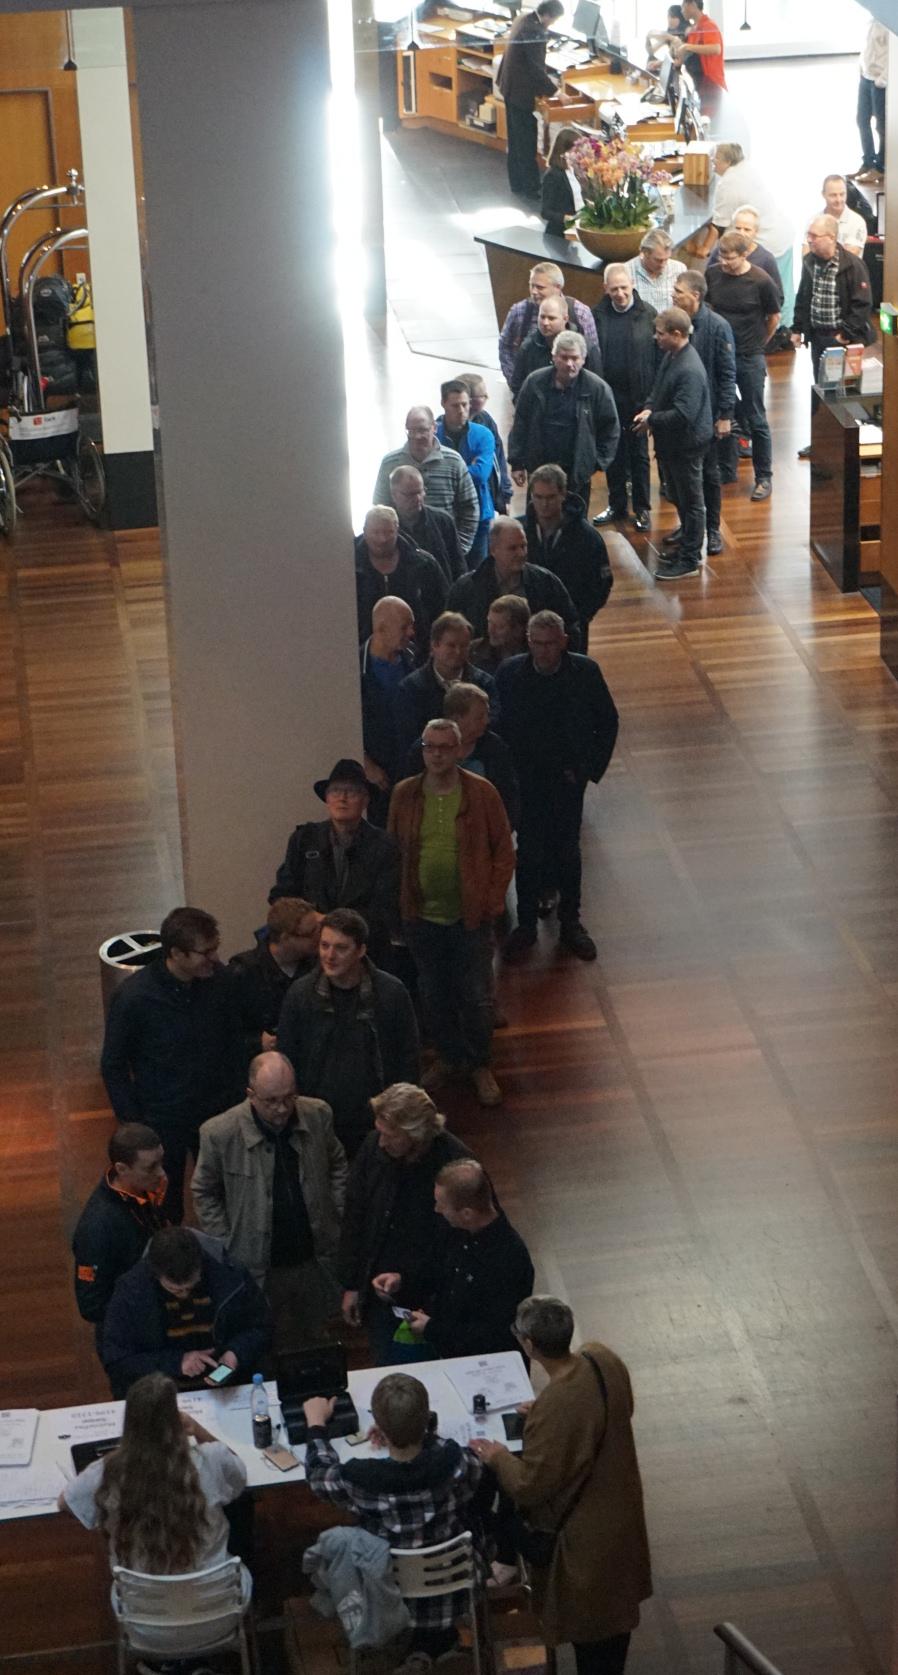 Der var lang kø fra åbningen søndag formiddag. Foto: John Alex Hvidlykke, Lyd & Billede